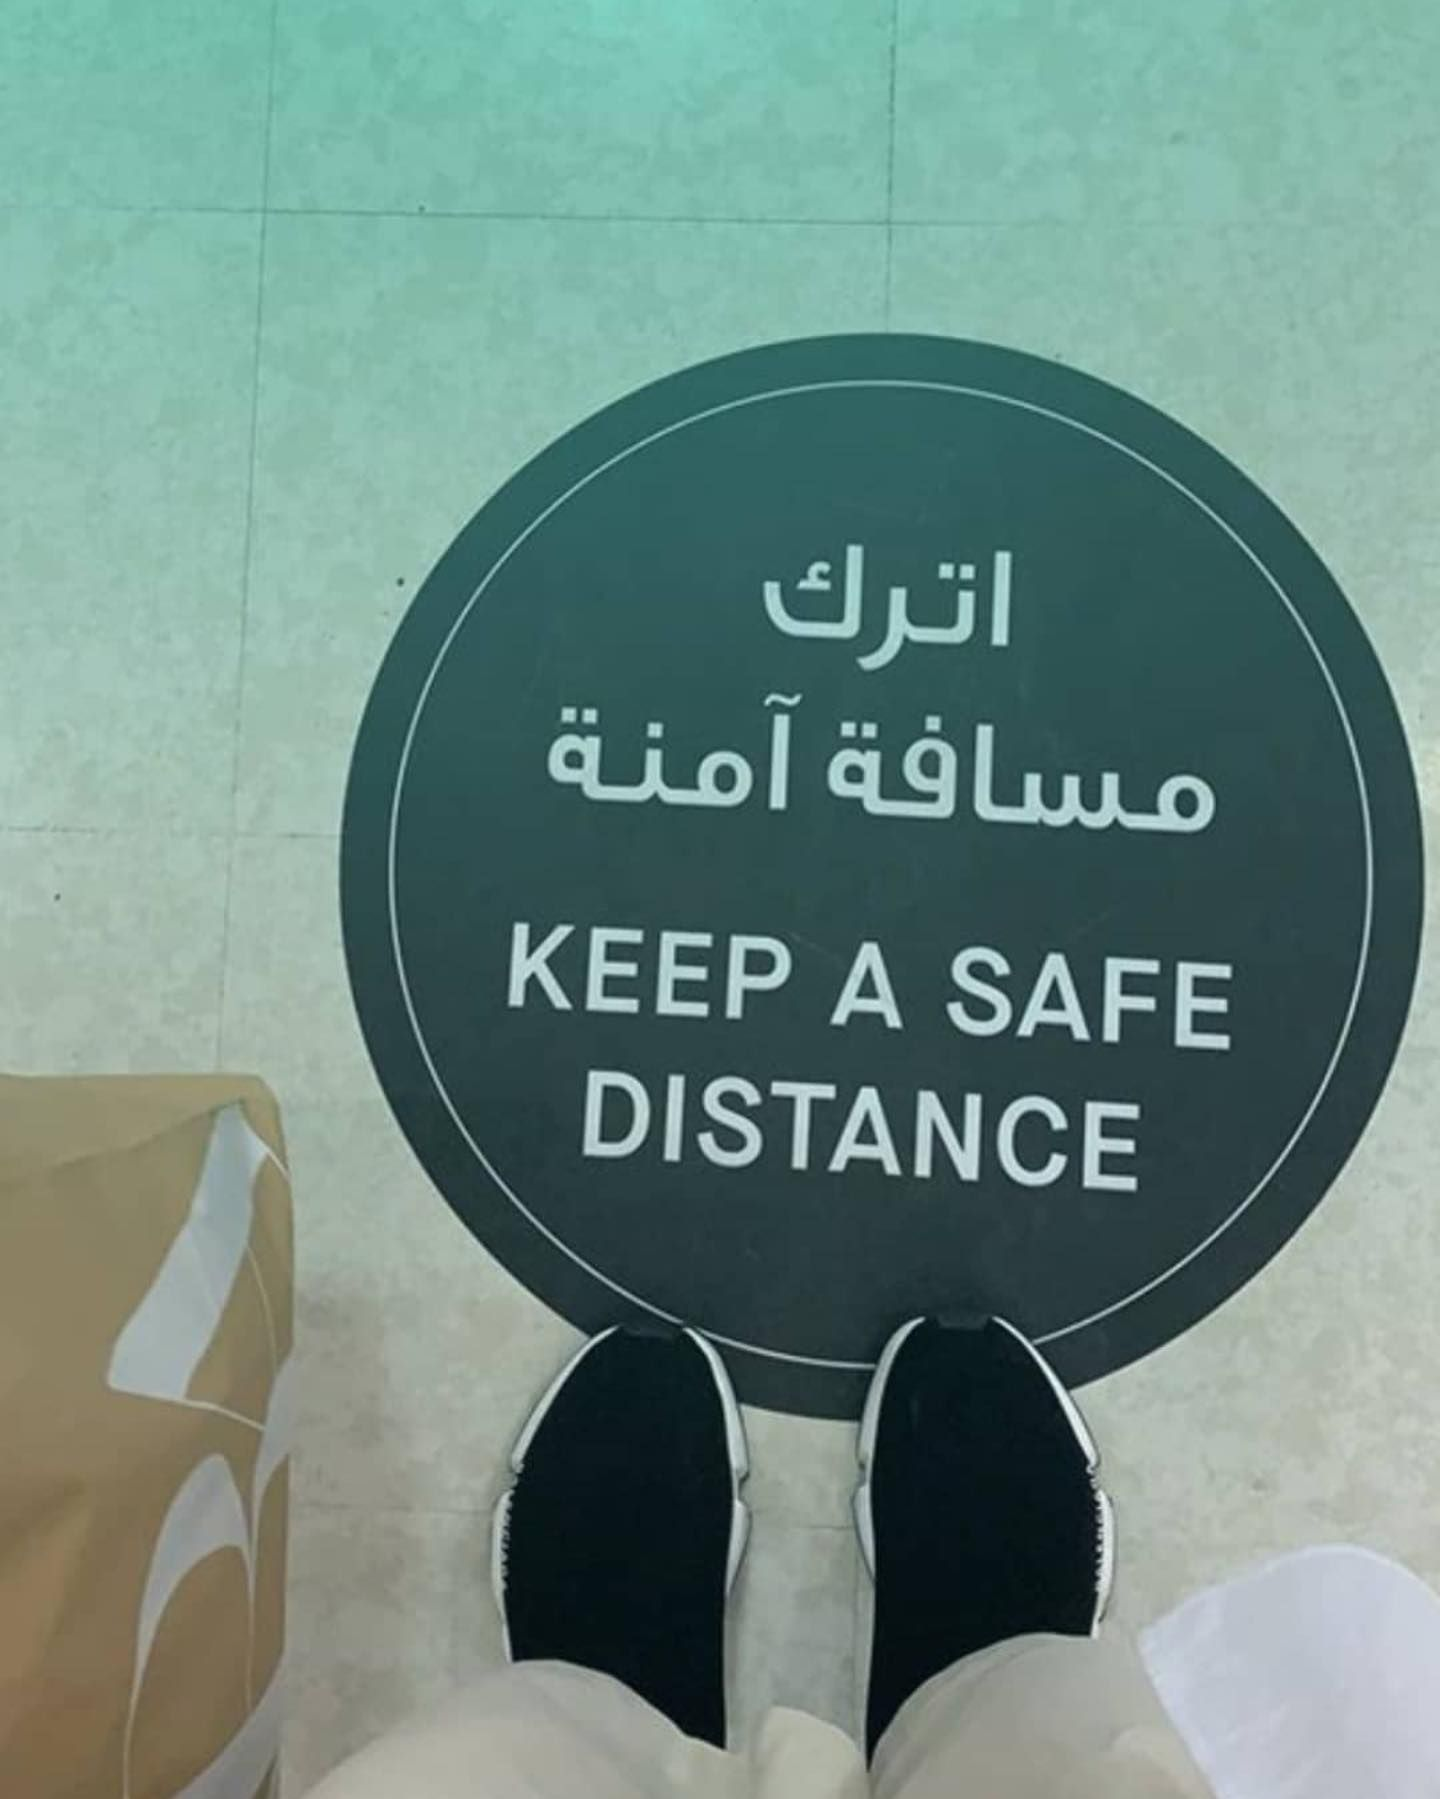 وقفت أتمعن في عبارة كتبت على الأرض اترك مسافة آمنة ليس فقط في جائحة کورونا بل في نواحي مختلفة مطلوب جدا ترك مسافة آمنة اخبار صحافة دولية رياضة Bahrain